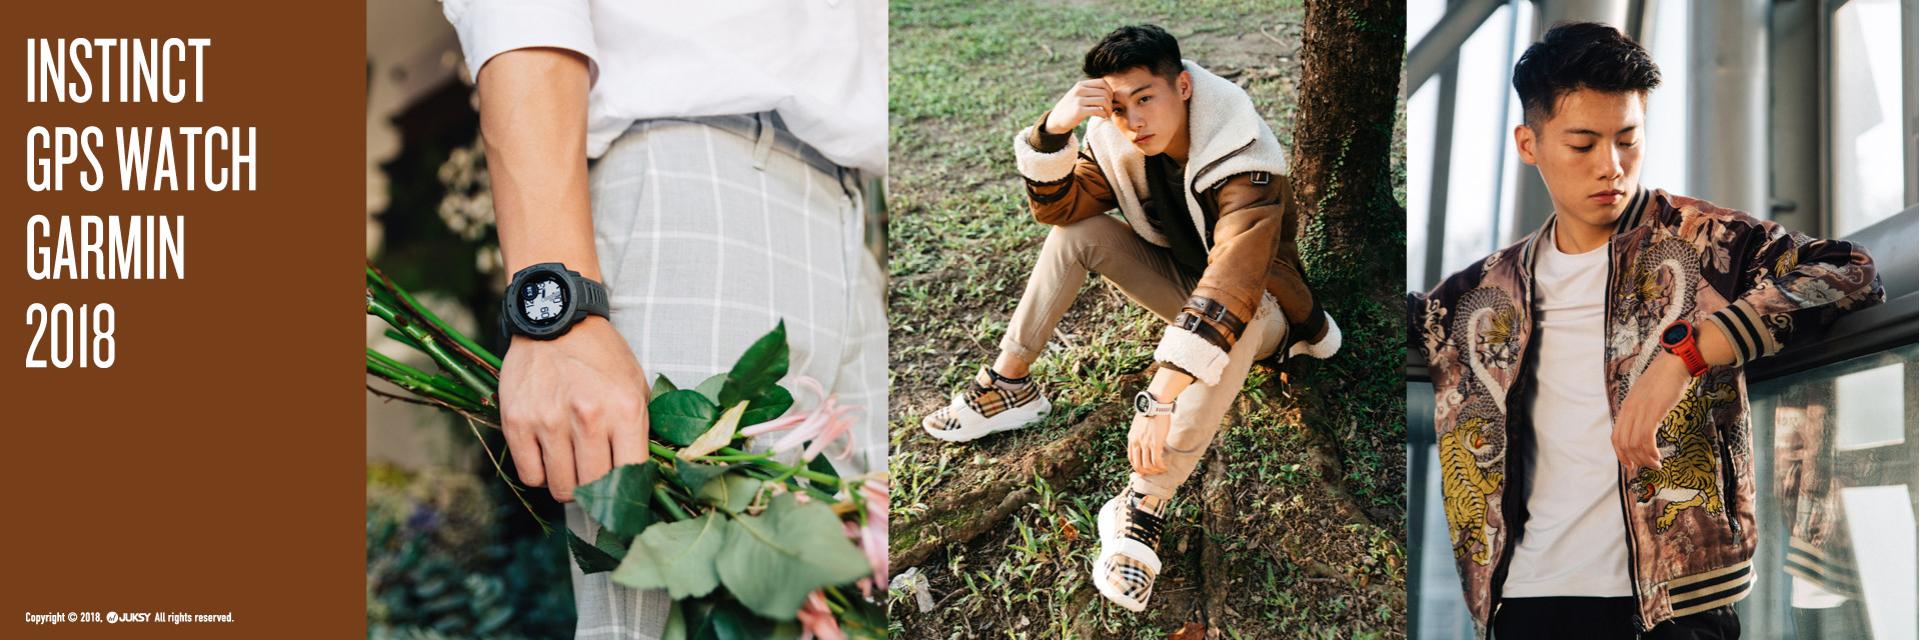 打破你對他的印象!夢幻男友 Cheng 不只空有外表,更有內涵。網友:這才是「真的潮」 !